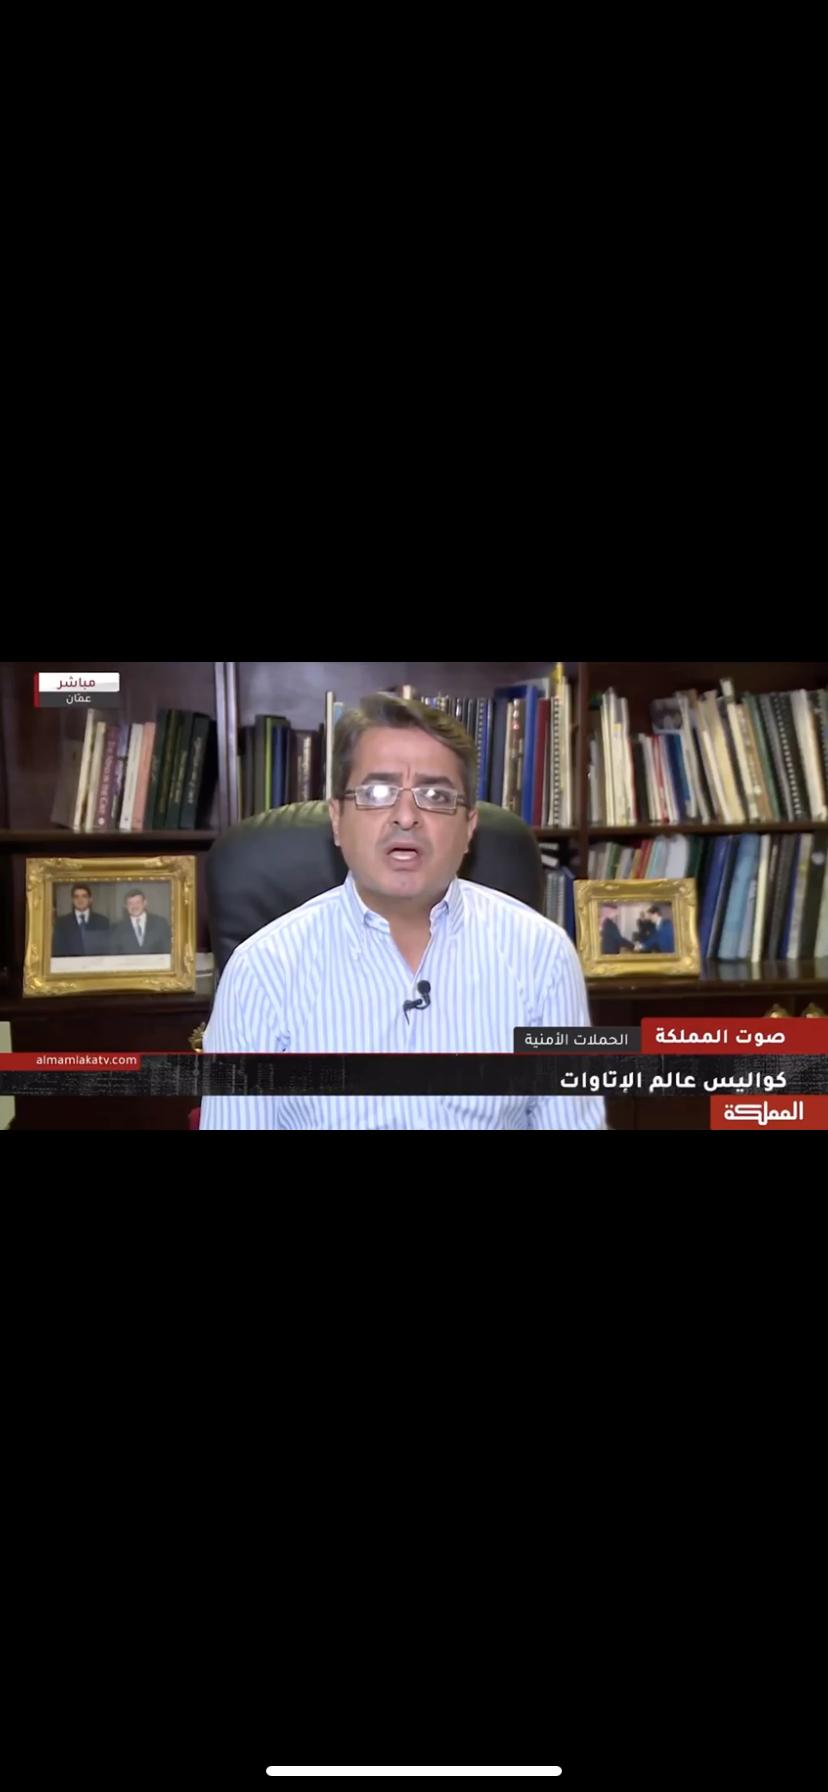 بالفيديو : أمين عام الداخلية الأسبق يتهم وزراء بالتواطئ لتكفيل زعران